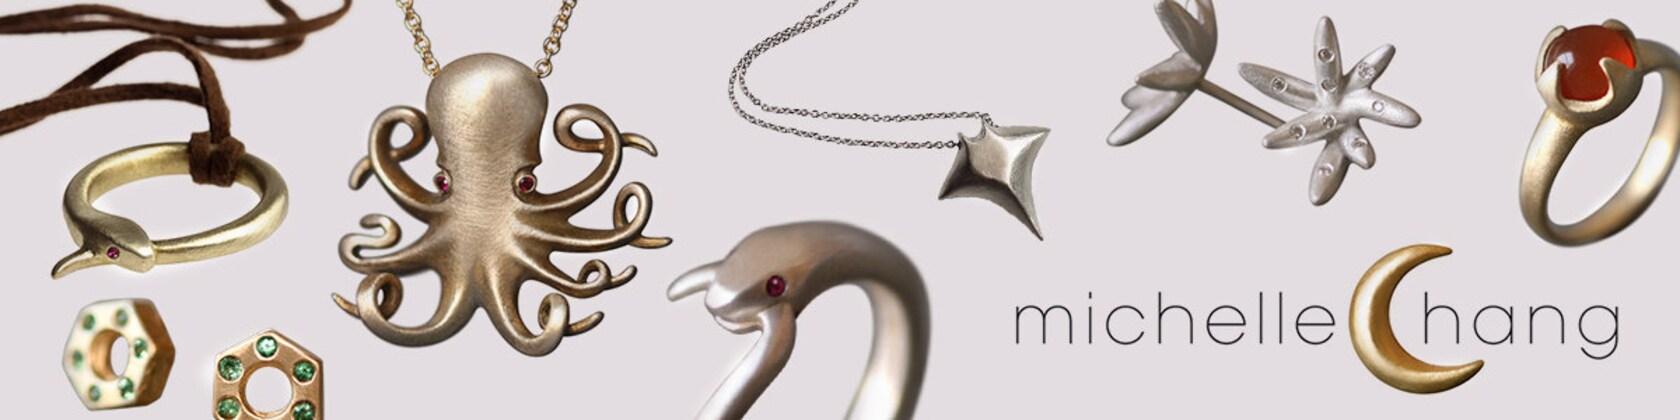 Michelle Chang Jewelry von MichelleChangJewelry auf Etsy